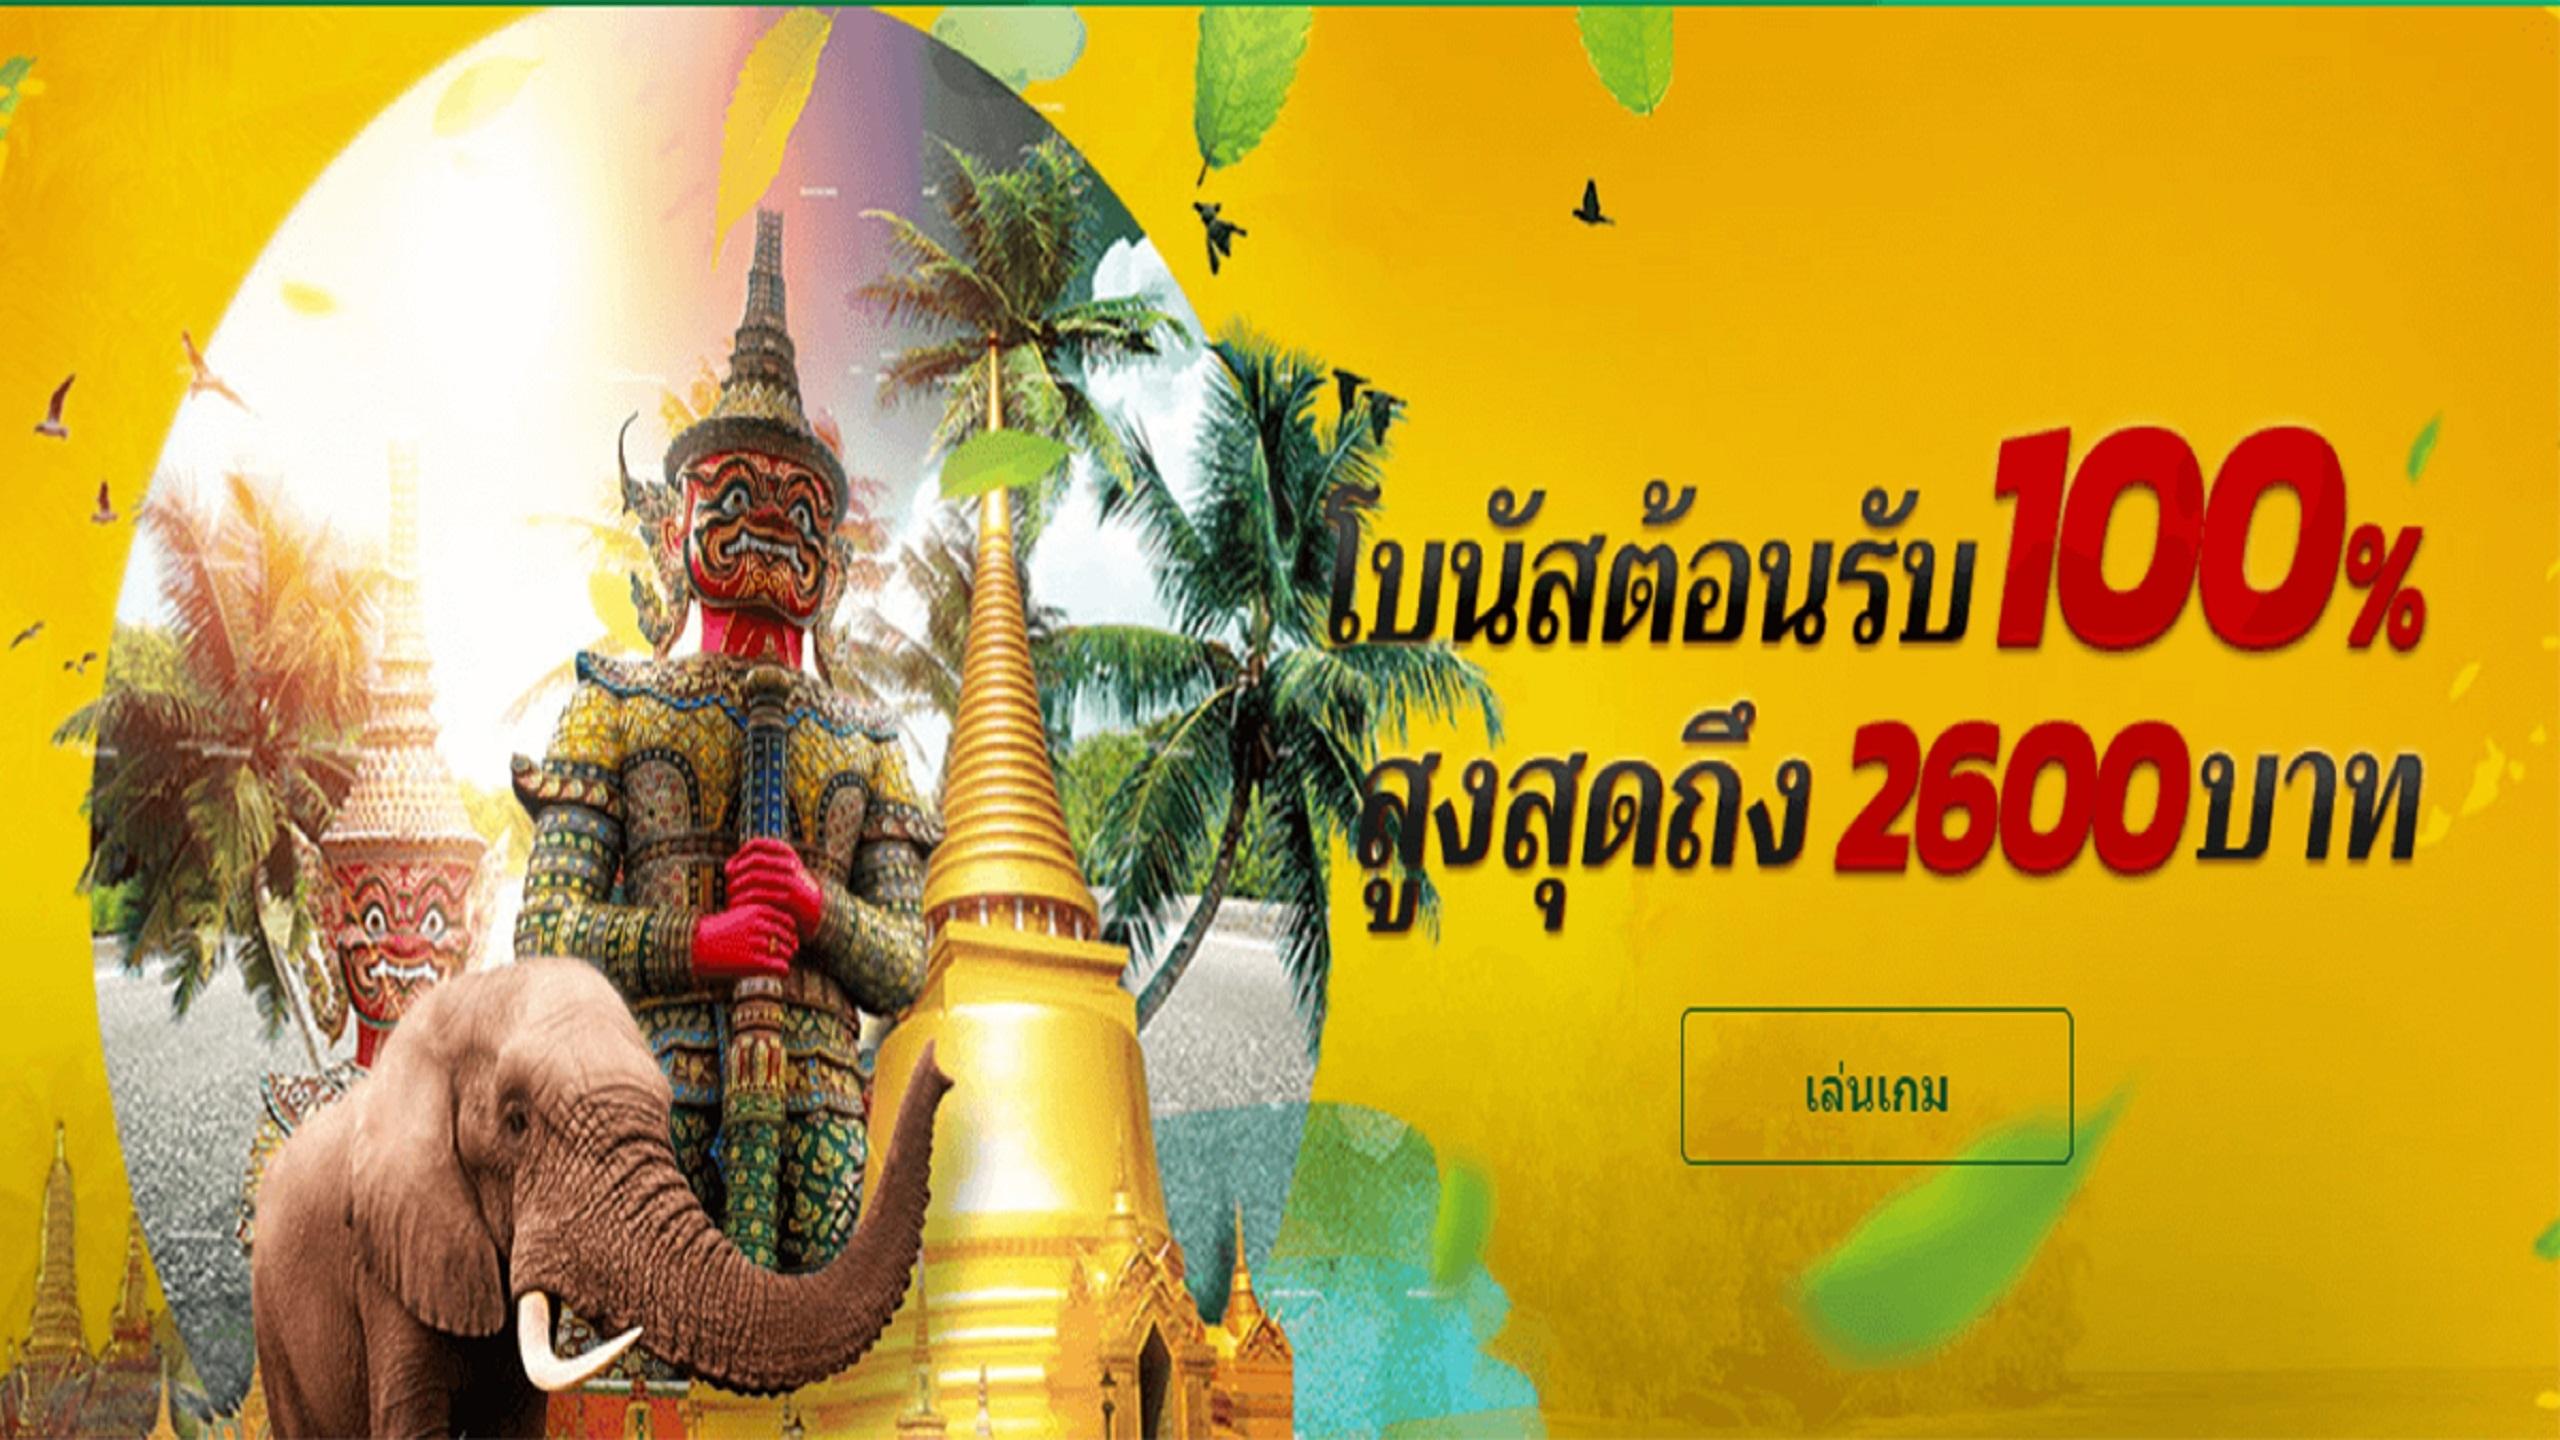 Fb88thai (@fb88thai) Cover Image